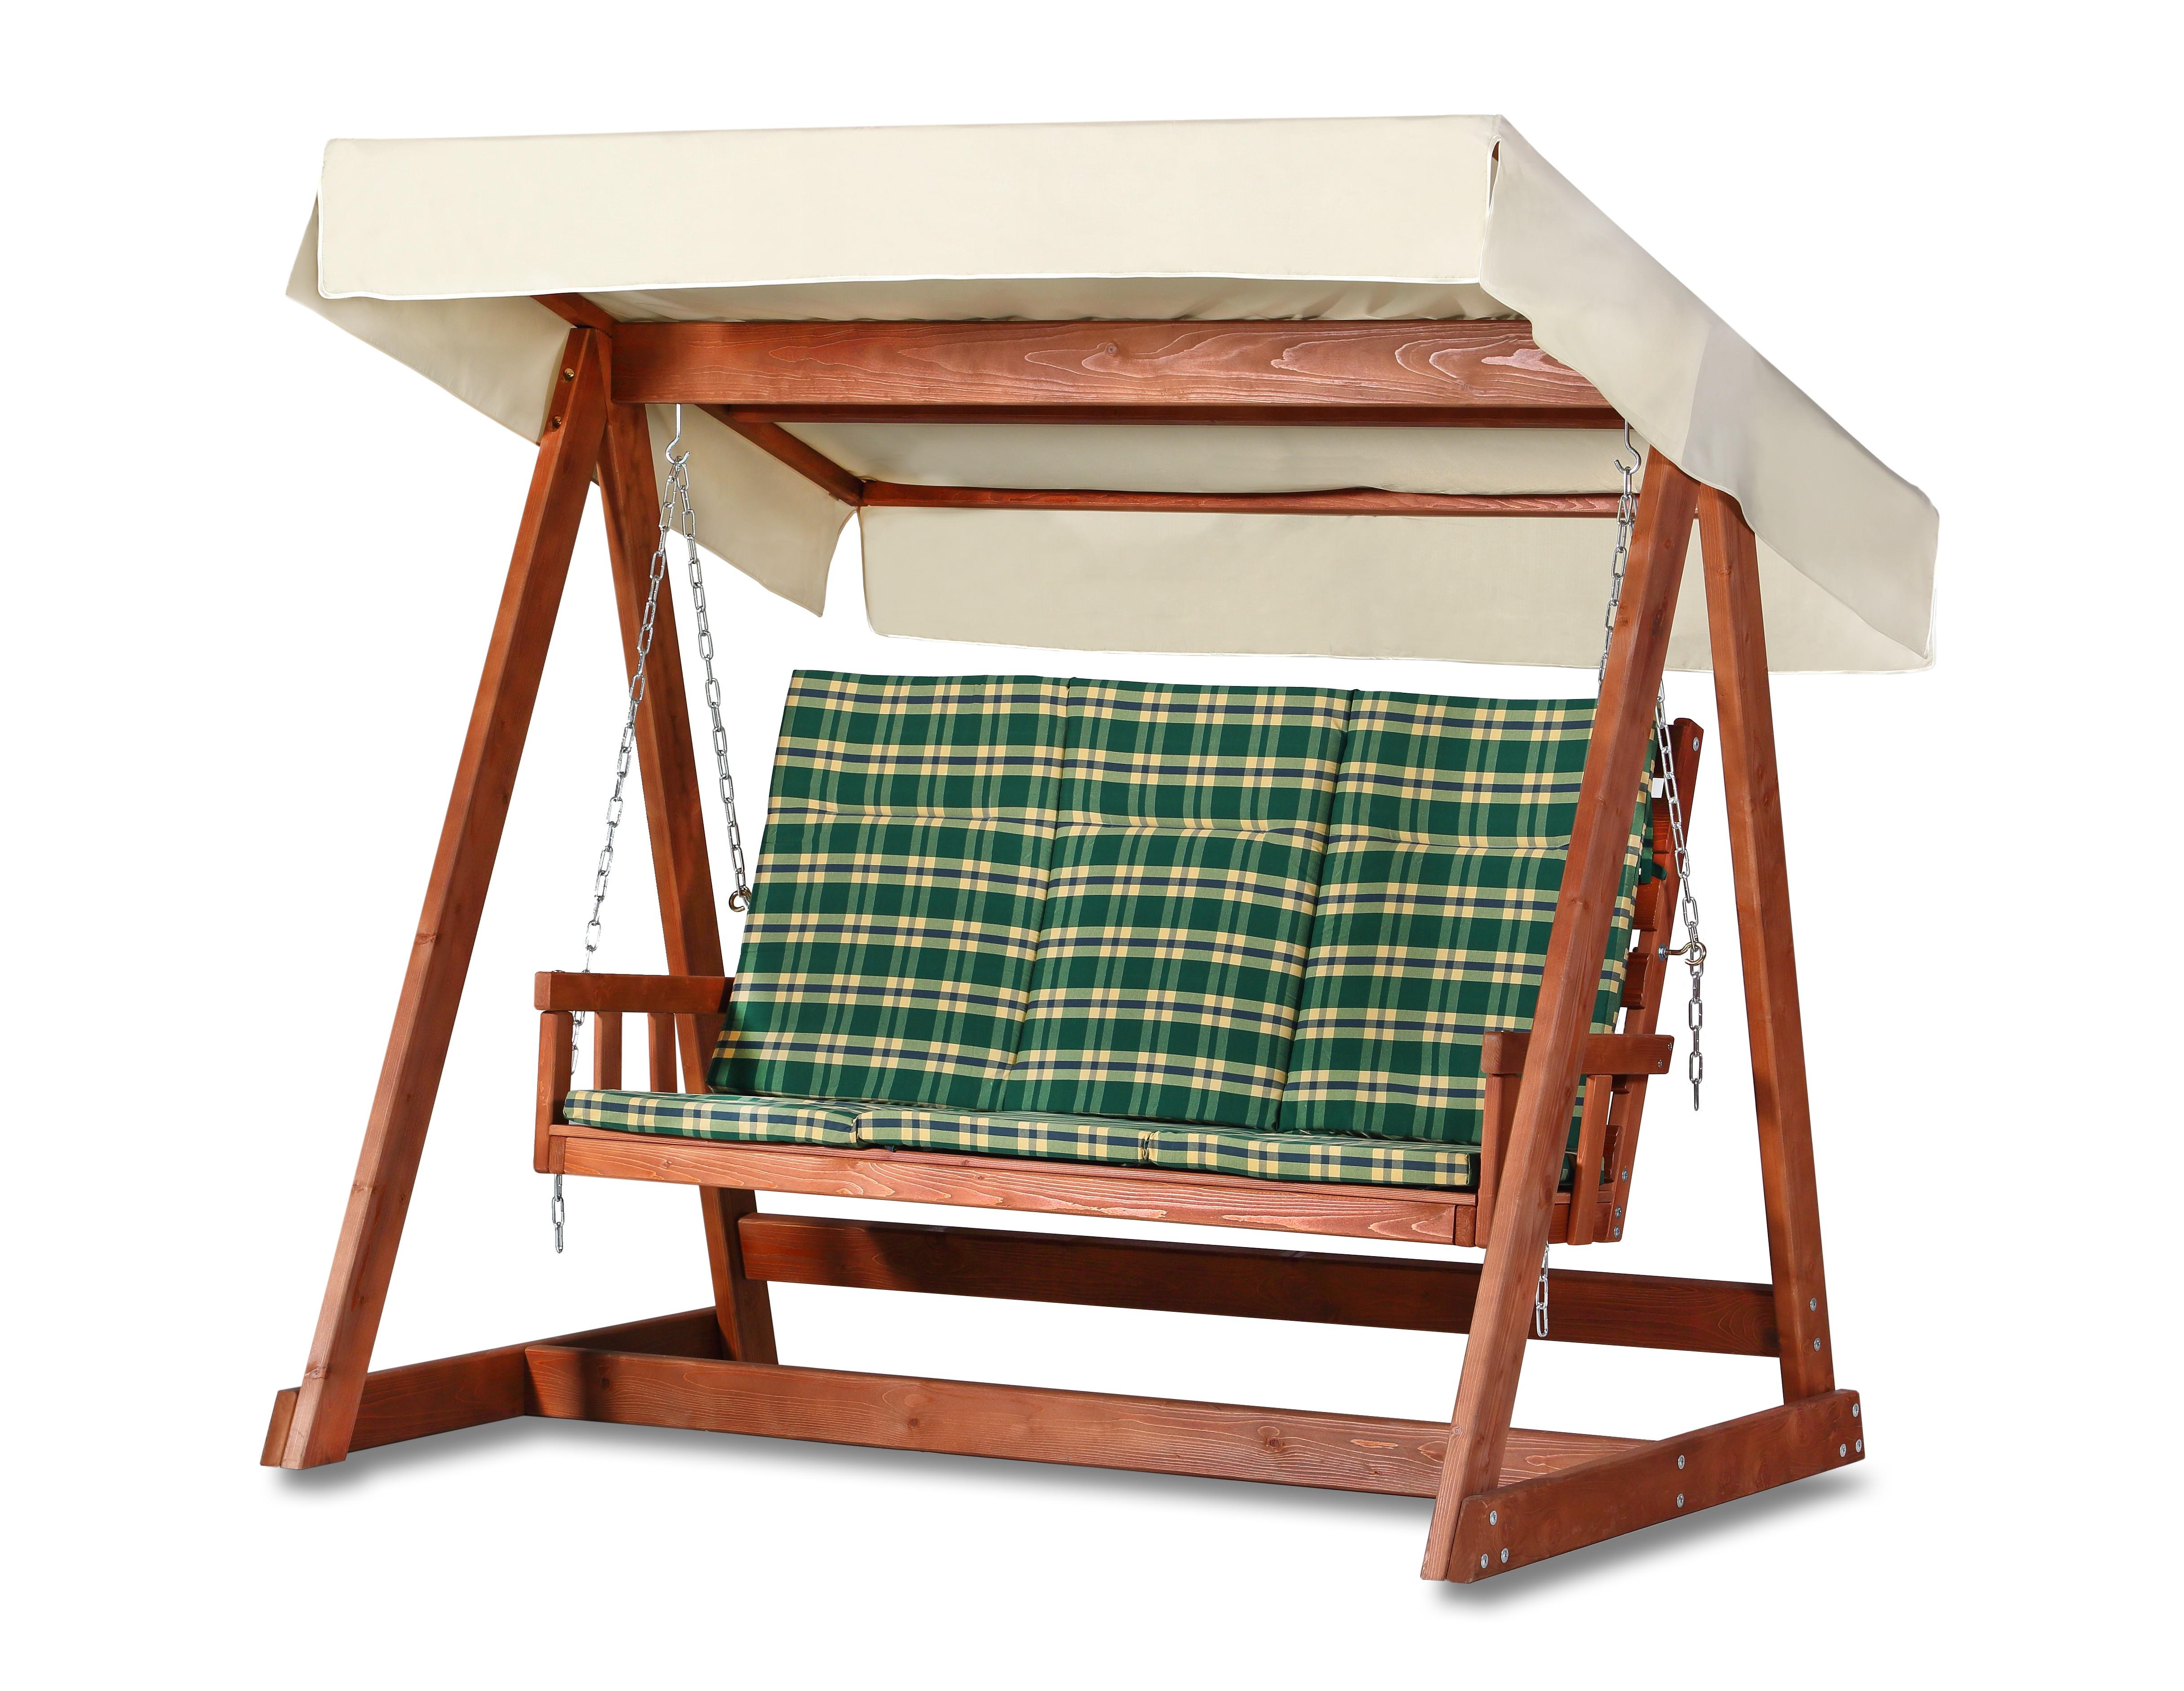 Качели ГлорияКачели<br>Каркас из натуральной древесины хвойных пород.&amp;amp;nbsp;&amp;lt;div&amp;gt;Подвесная скамья на цепи.&amp;amp;nbsp;&amp;lt;/div&amp;gt;&amp;lt;div&amp;gt;&amp;lt;br&amp;gt;&amp;lt;/div&amp;gt;&amp;lt;div&amp;gt;Навес и матрац приобретаются отдельно.&amp;lt;/div&amp;gt;<br><br>Material: Дерево<br>Ширина см: 265<br>Высота см: 215<br>Глубина см: 221